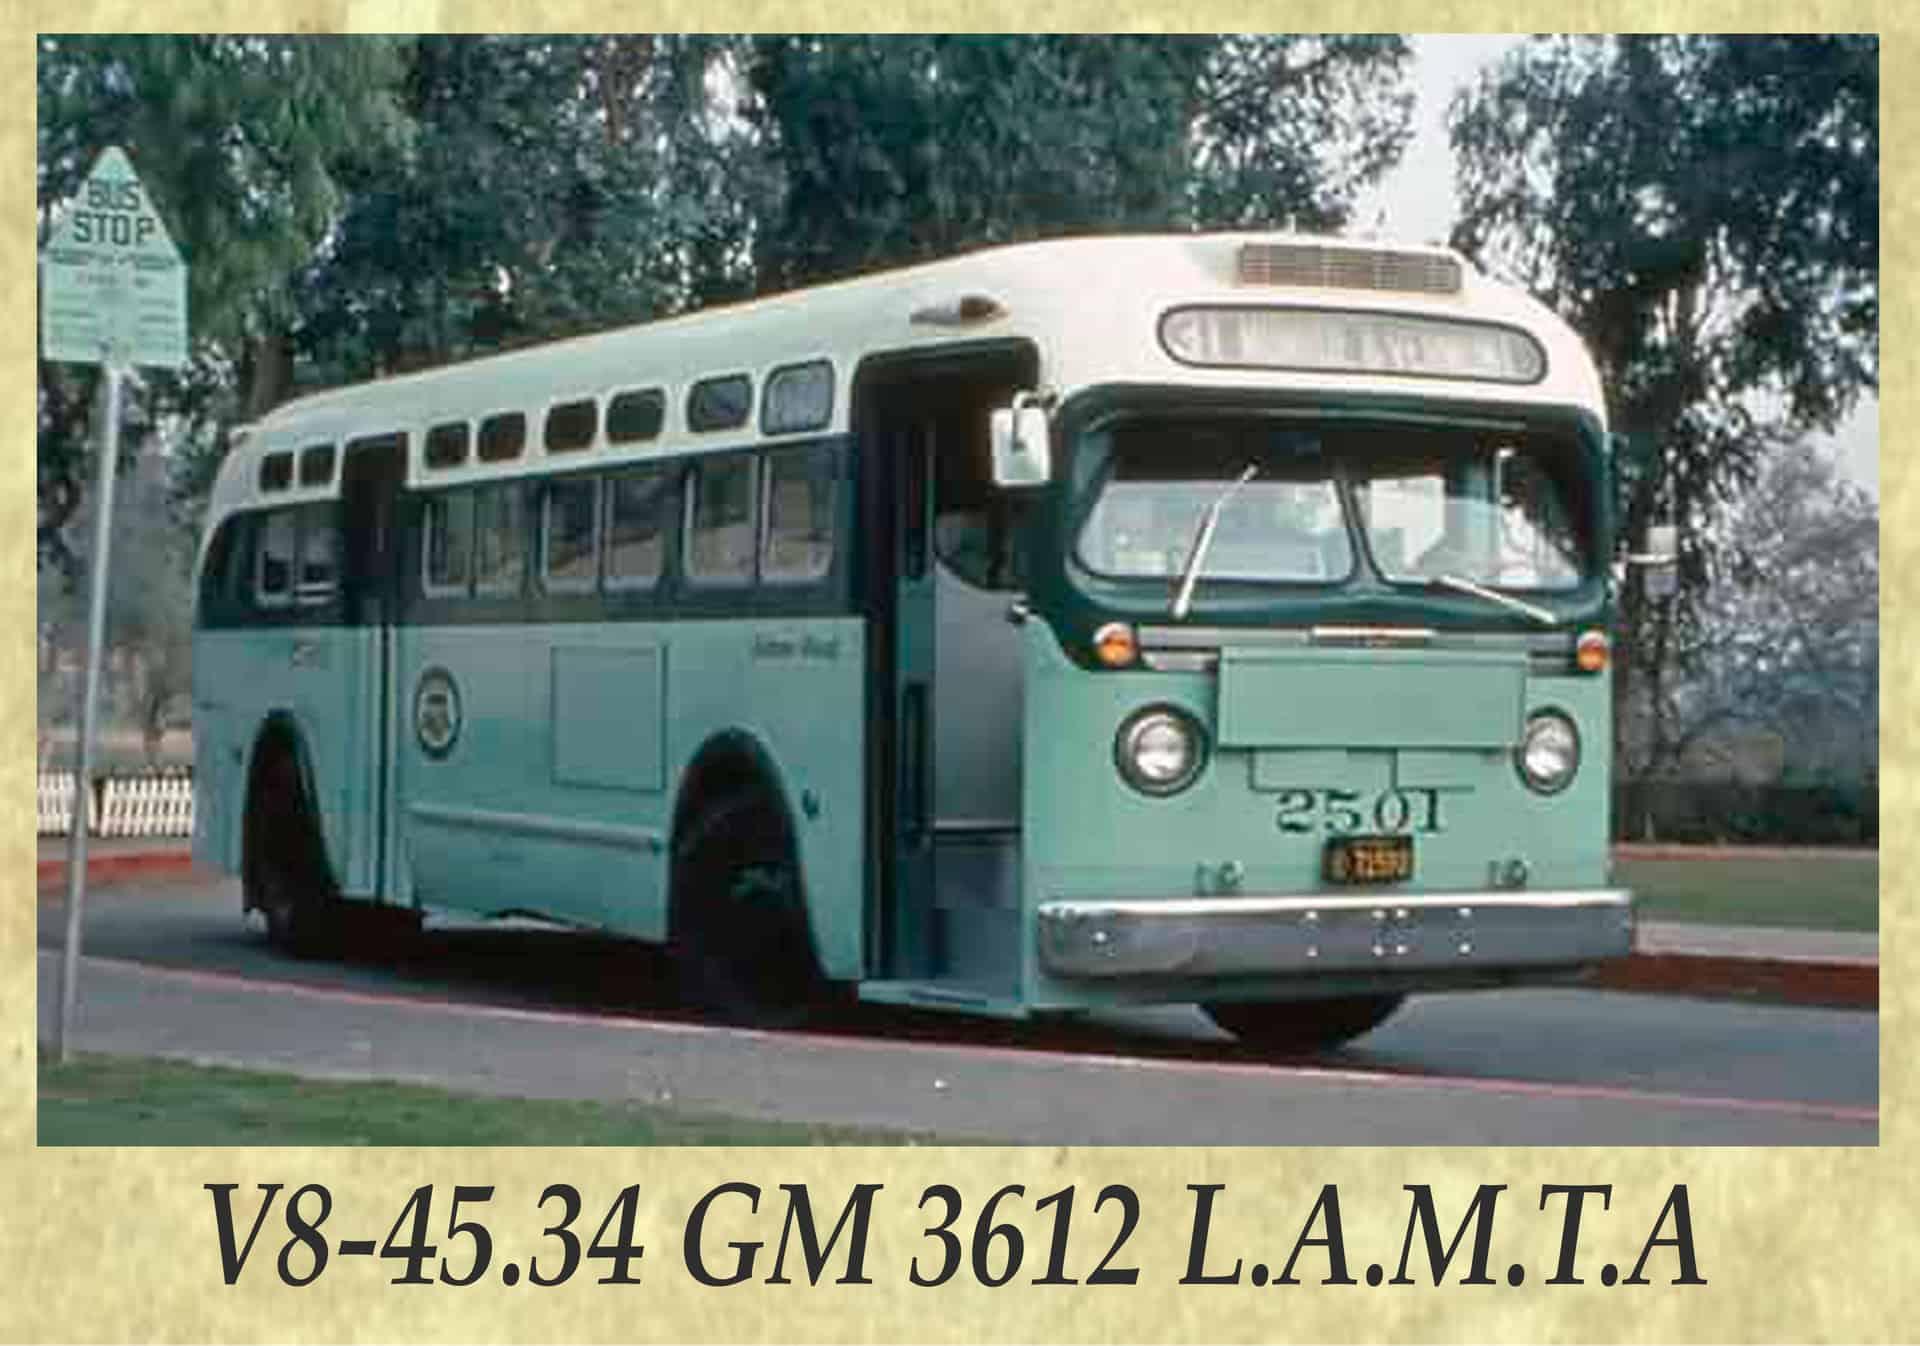 V8-45.34 GM 3612 L.A.M.T